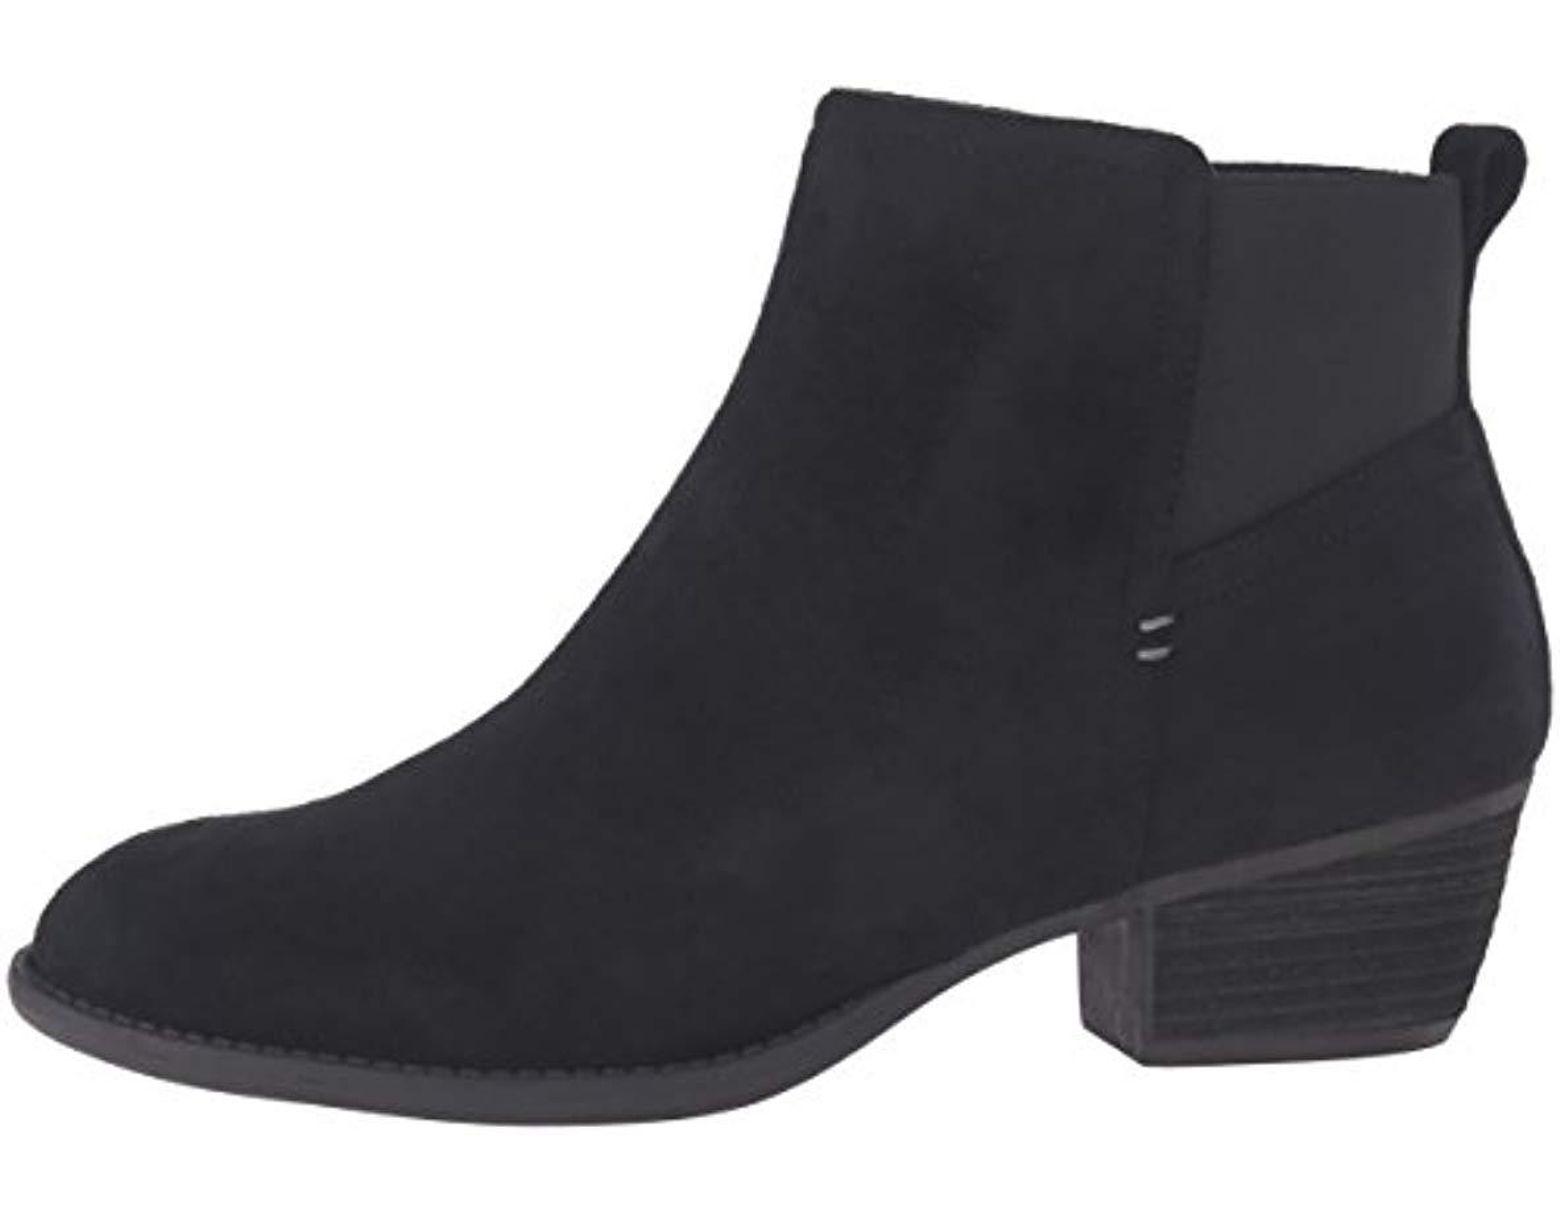 653d116eb0e Women's Black Dr. Scholl's Jorie Boot